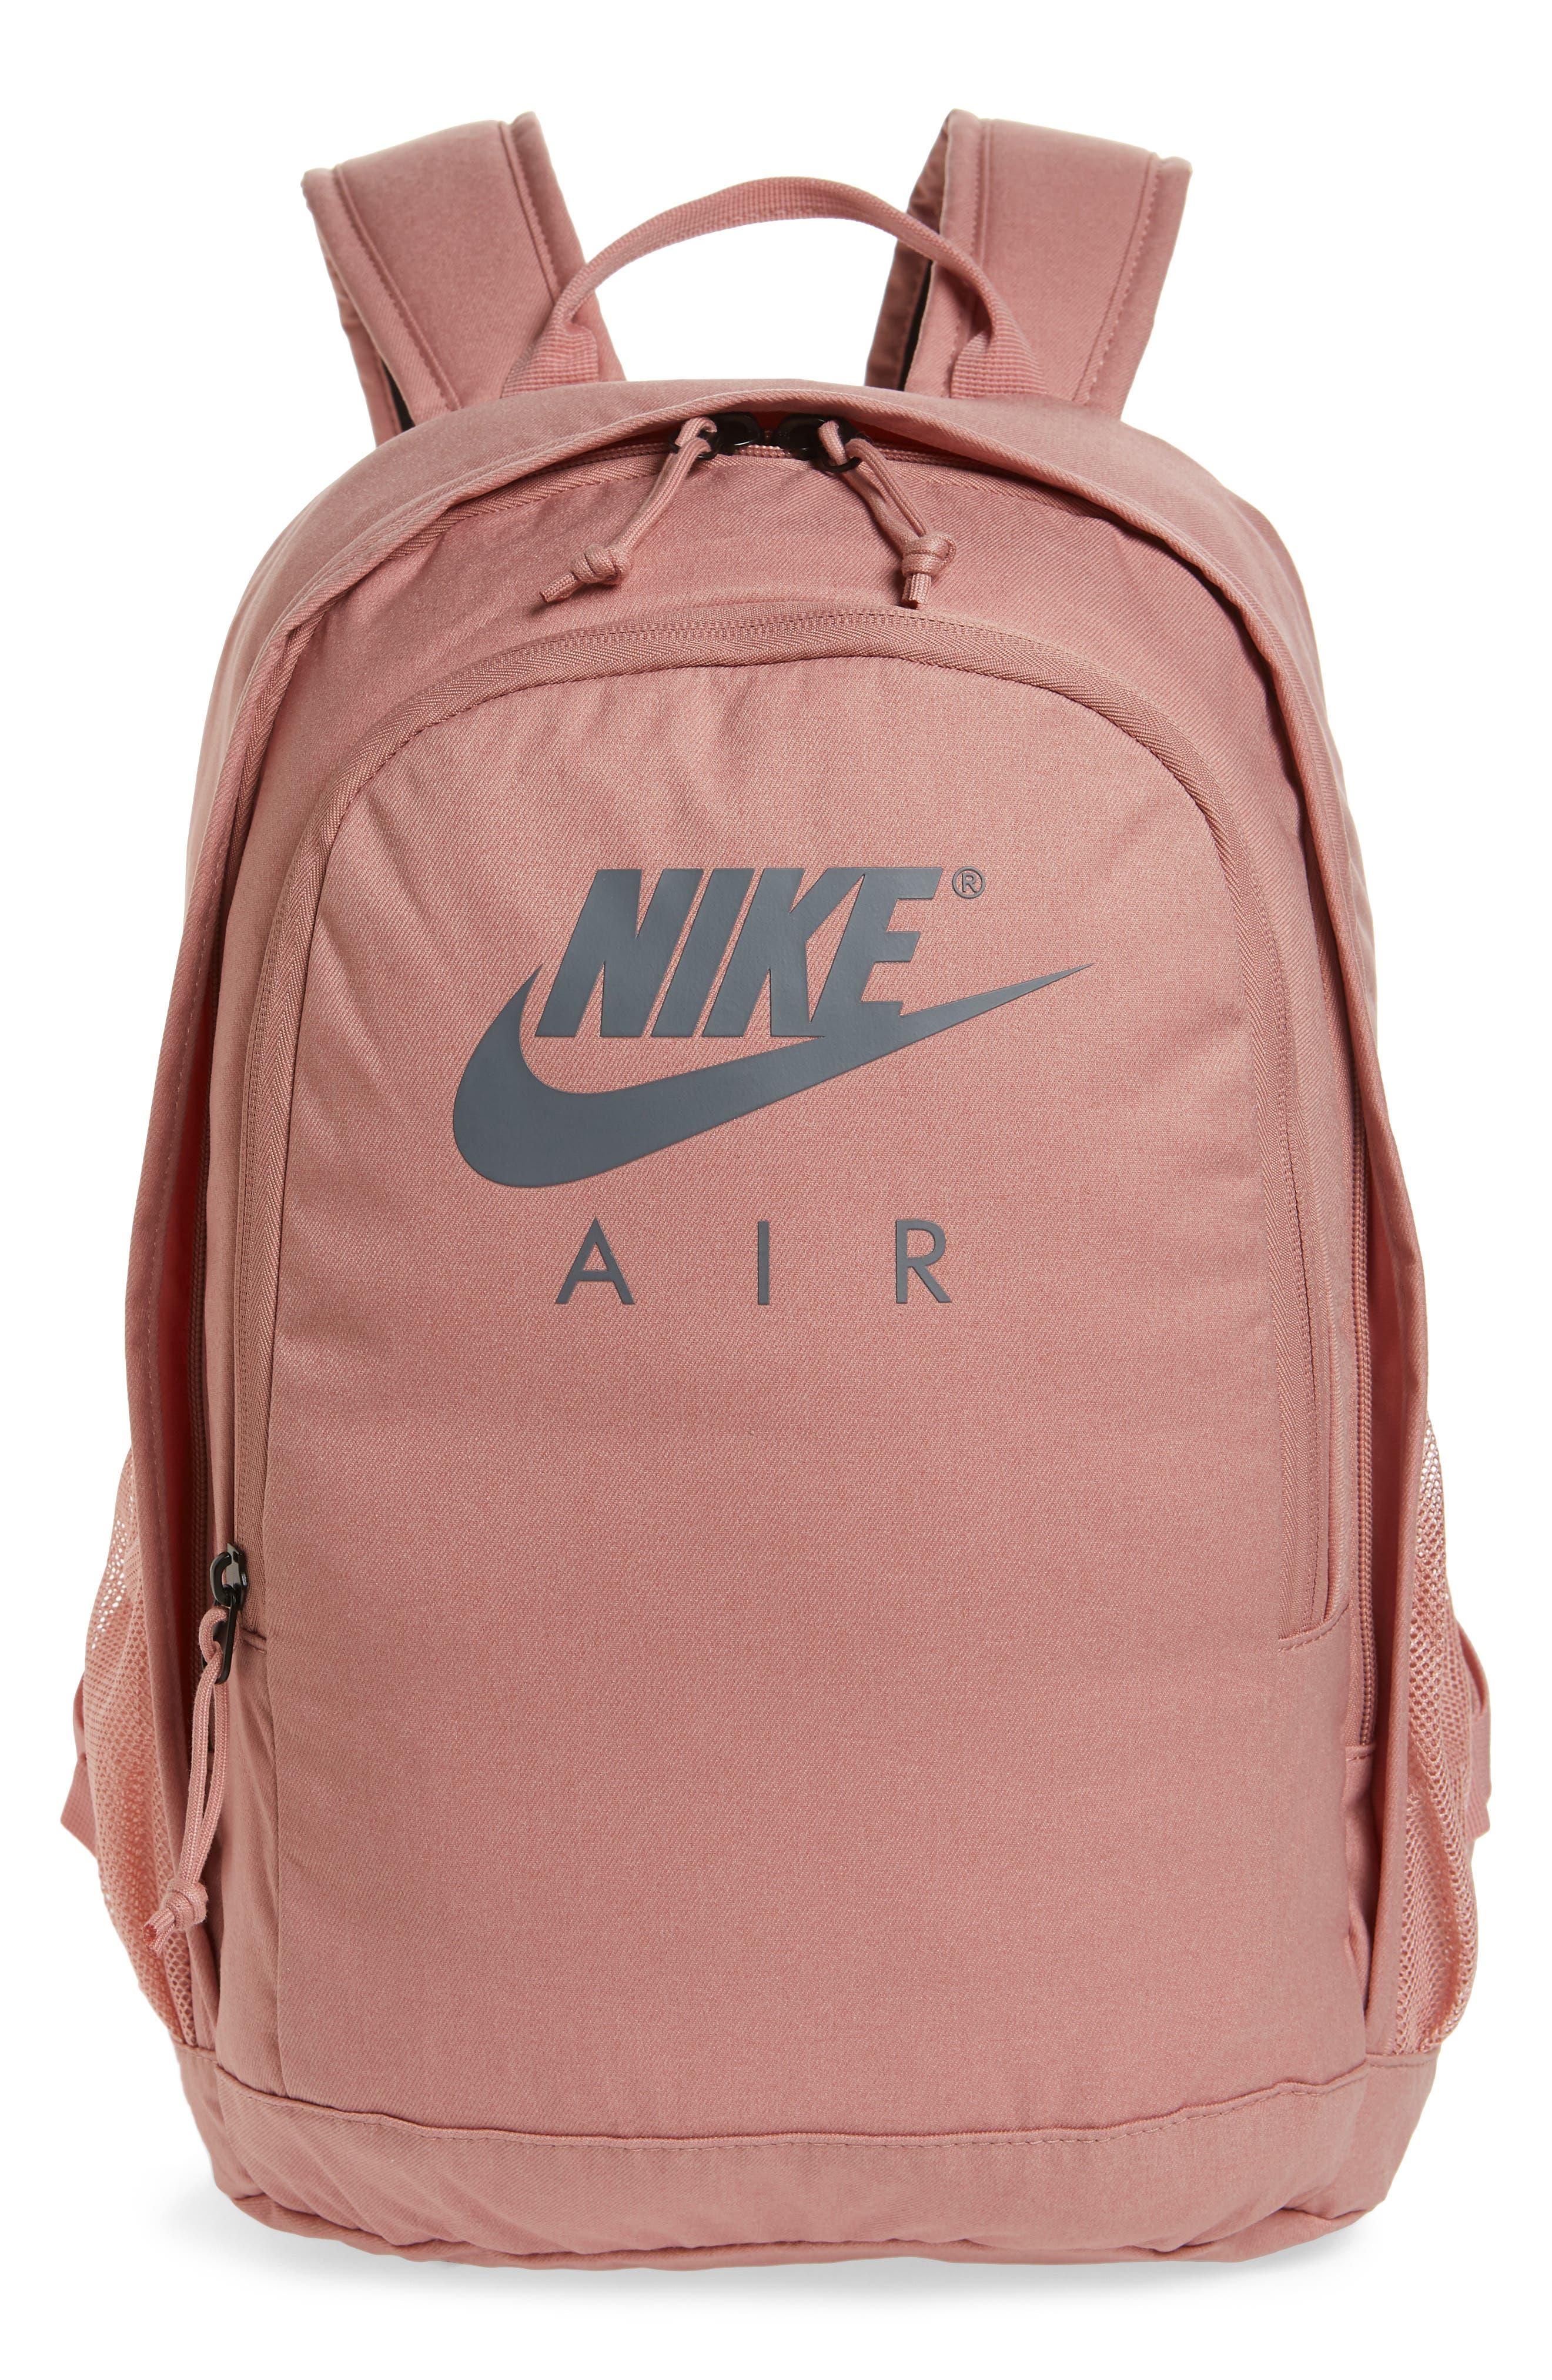 bab7ccb7c7 Buy pink nike bookbag